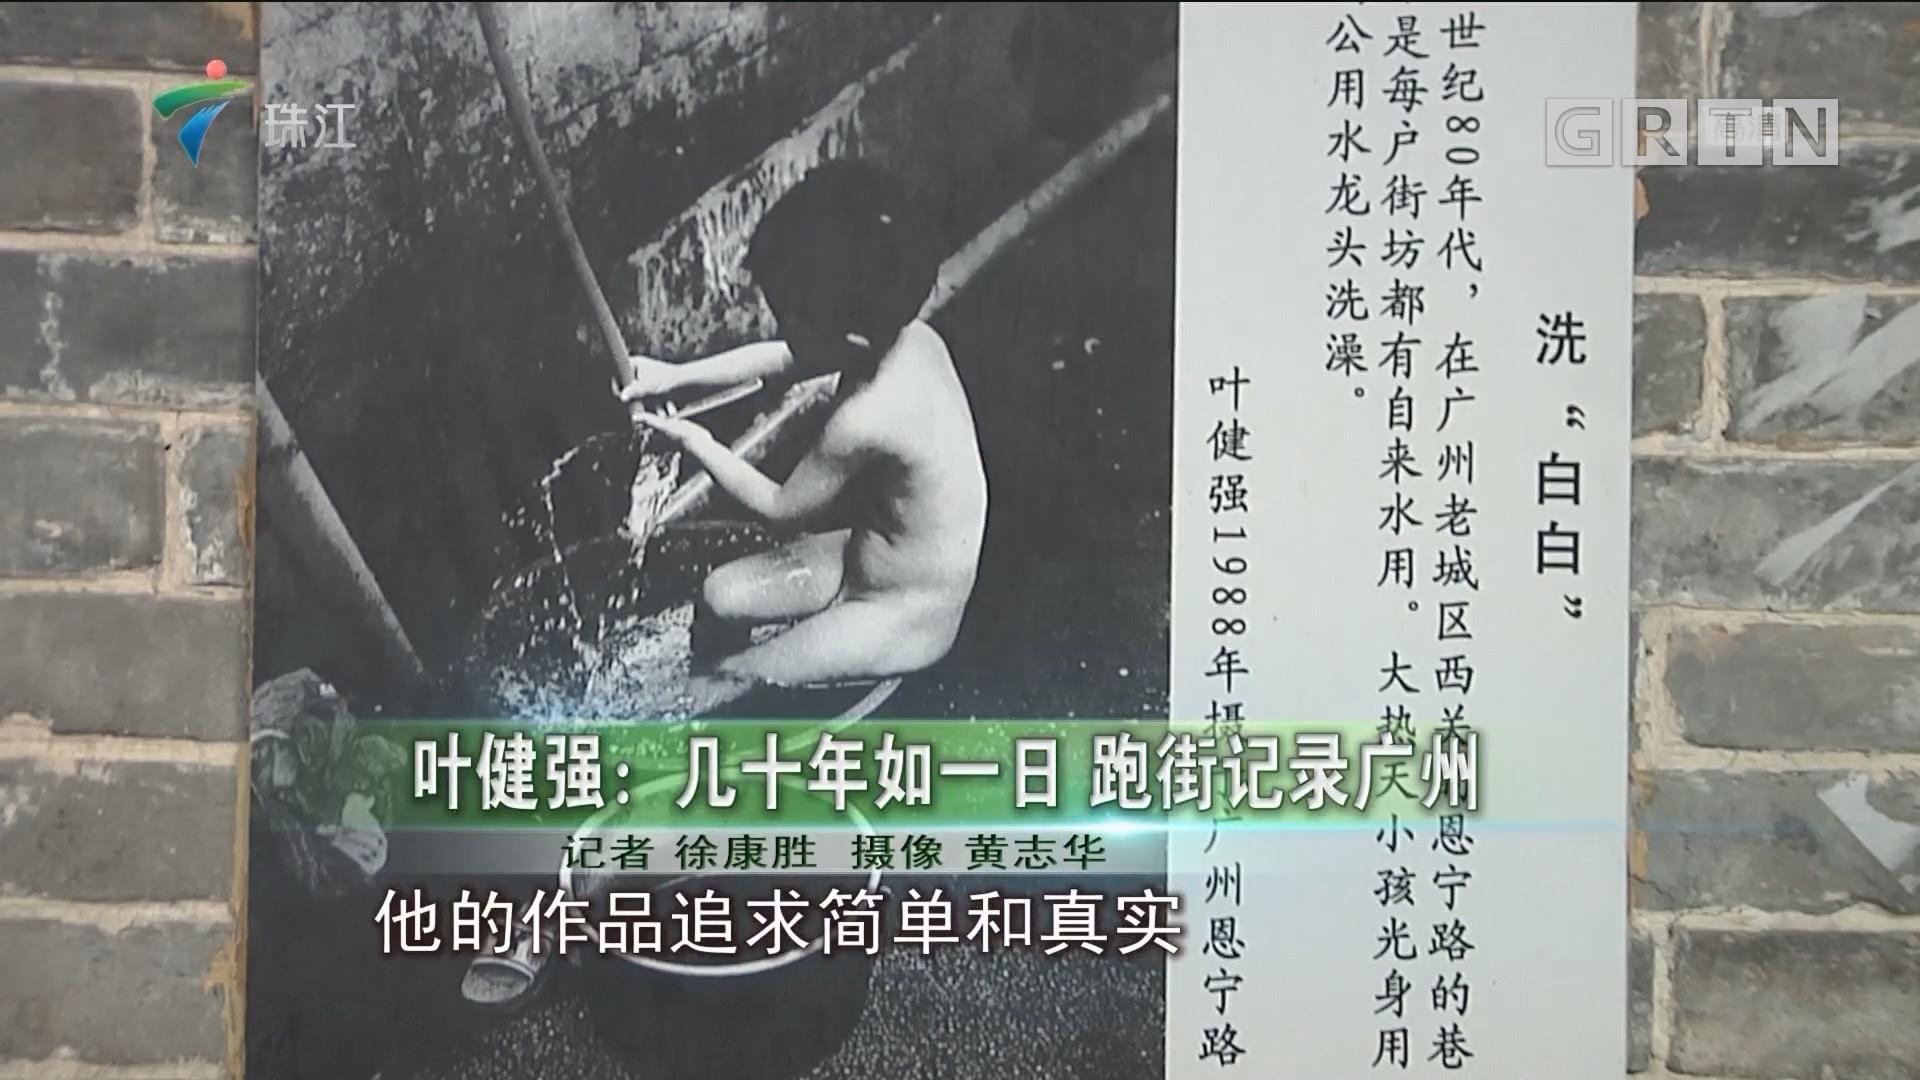 叶健强:几十年如一日 跑街记录广州